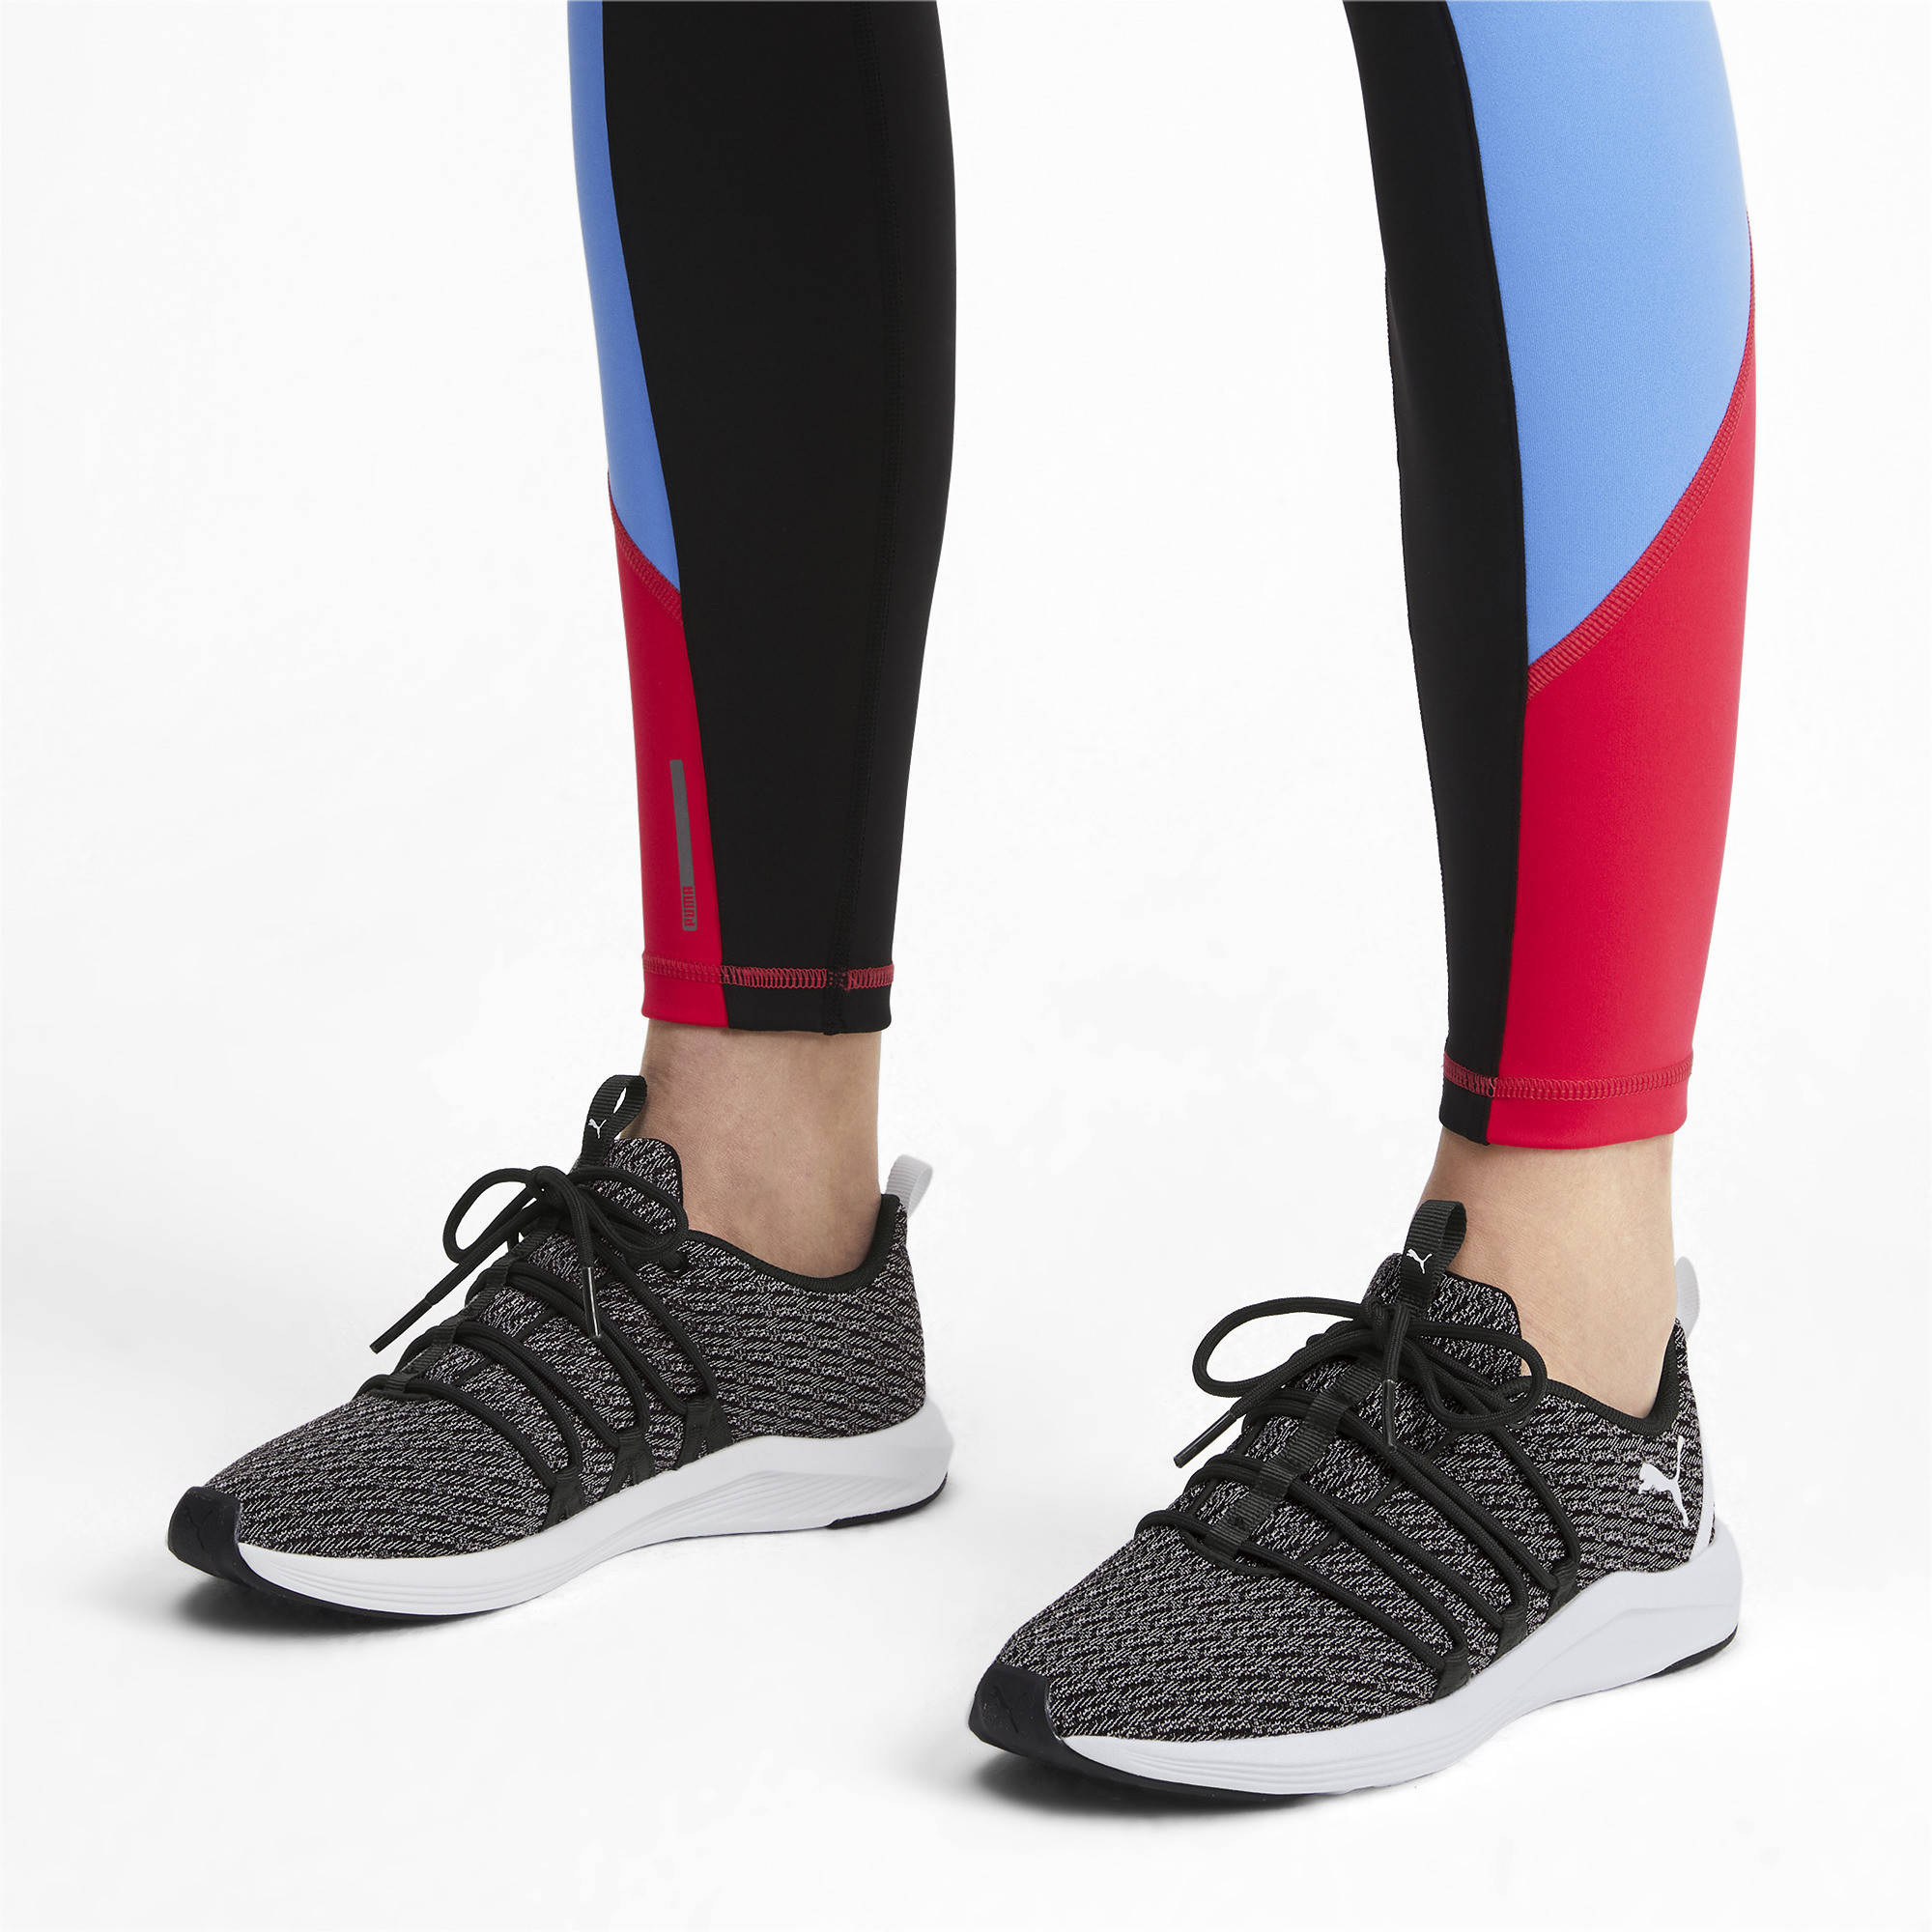 PUMA-Prowl-Alt-Neon-Women-s-Training-Shoes-Women-Shoe-Training thumbnail 12